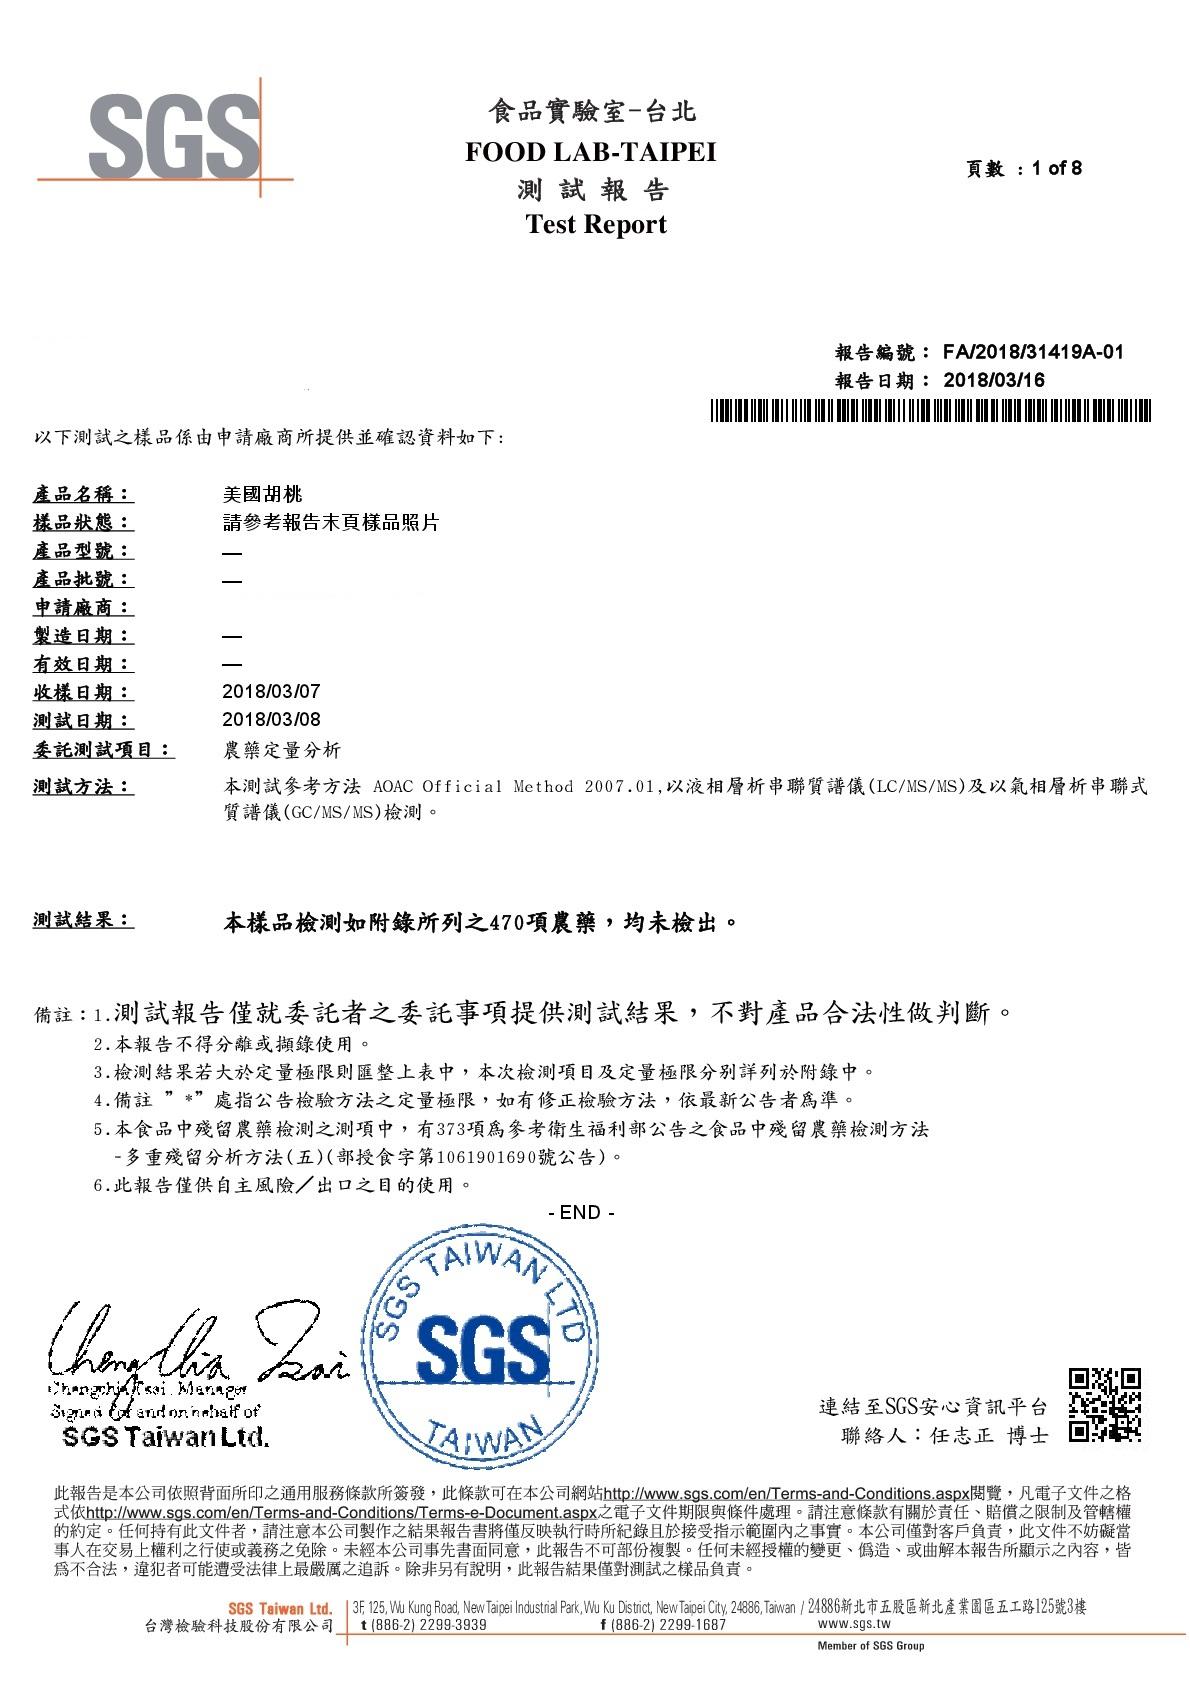 美國胡桃-SGS農藥檢驗合格